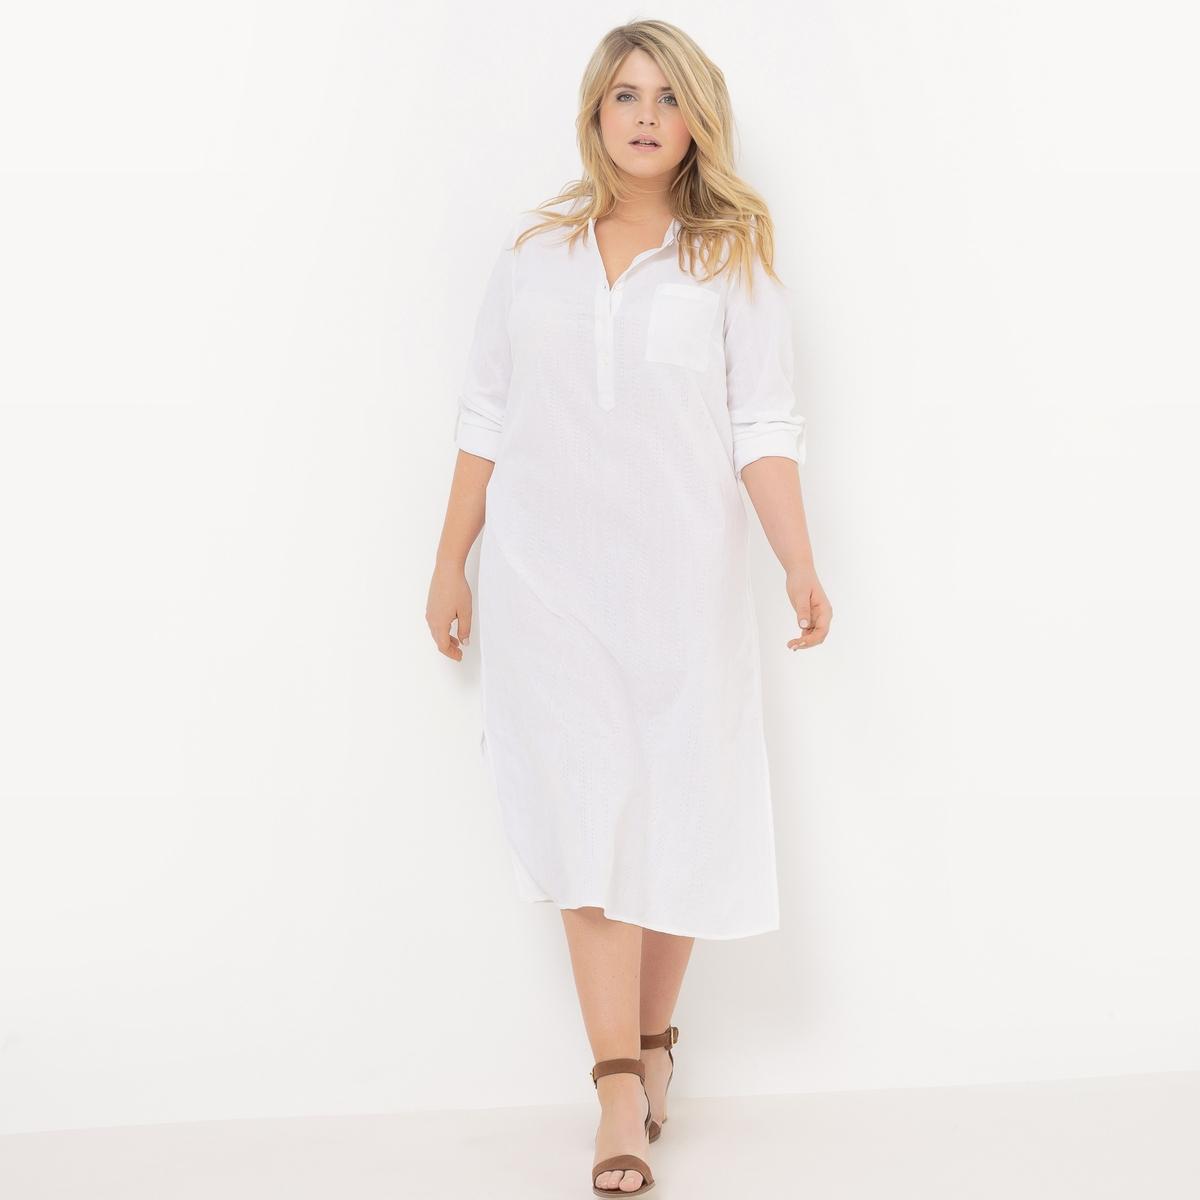 купить Платье-рубашка с длинными рукавами по цене 1619.4 рублей